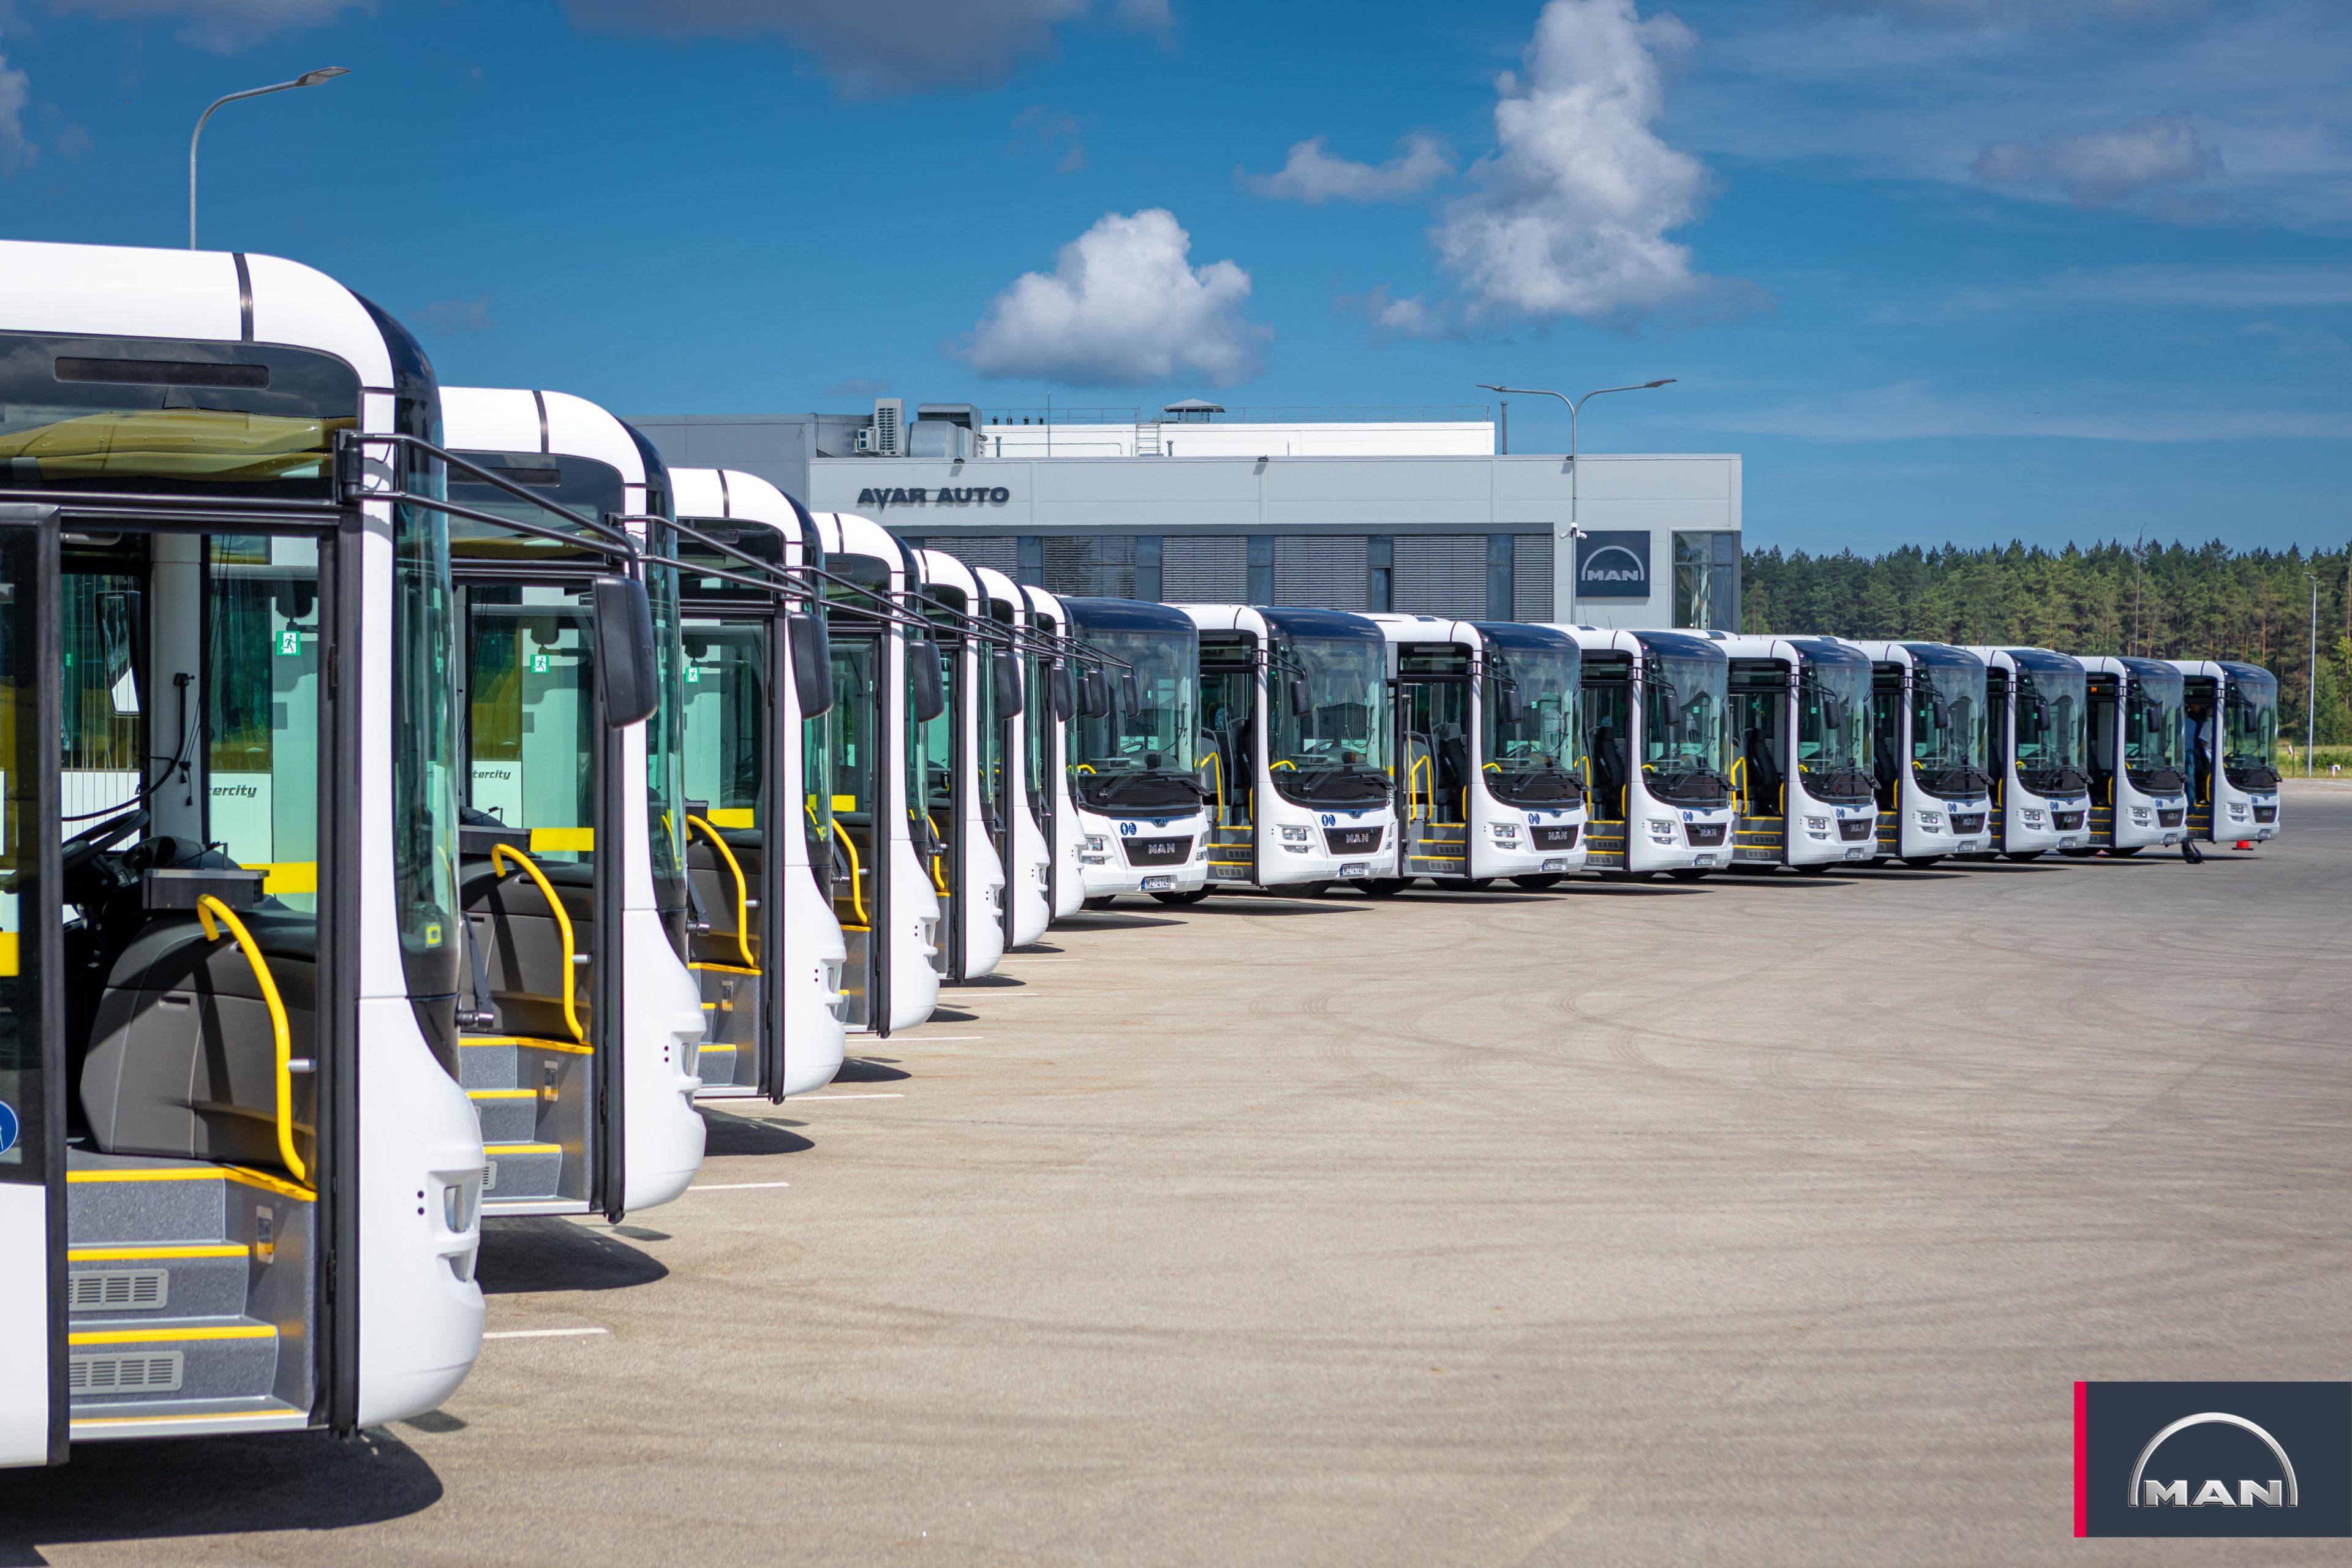 """SIA """"AVAR AUTO"""" atzīts par atbilstošāko pretendentu Daugavpils autobusu parka iepirkumā par jaunu autobusu iegādi."""